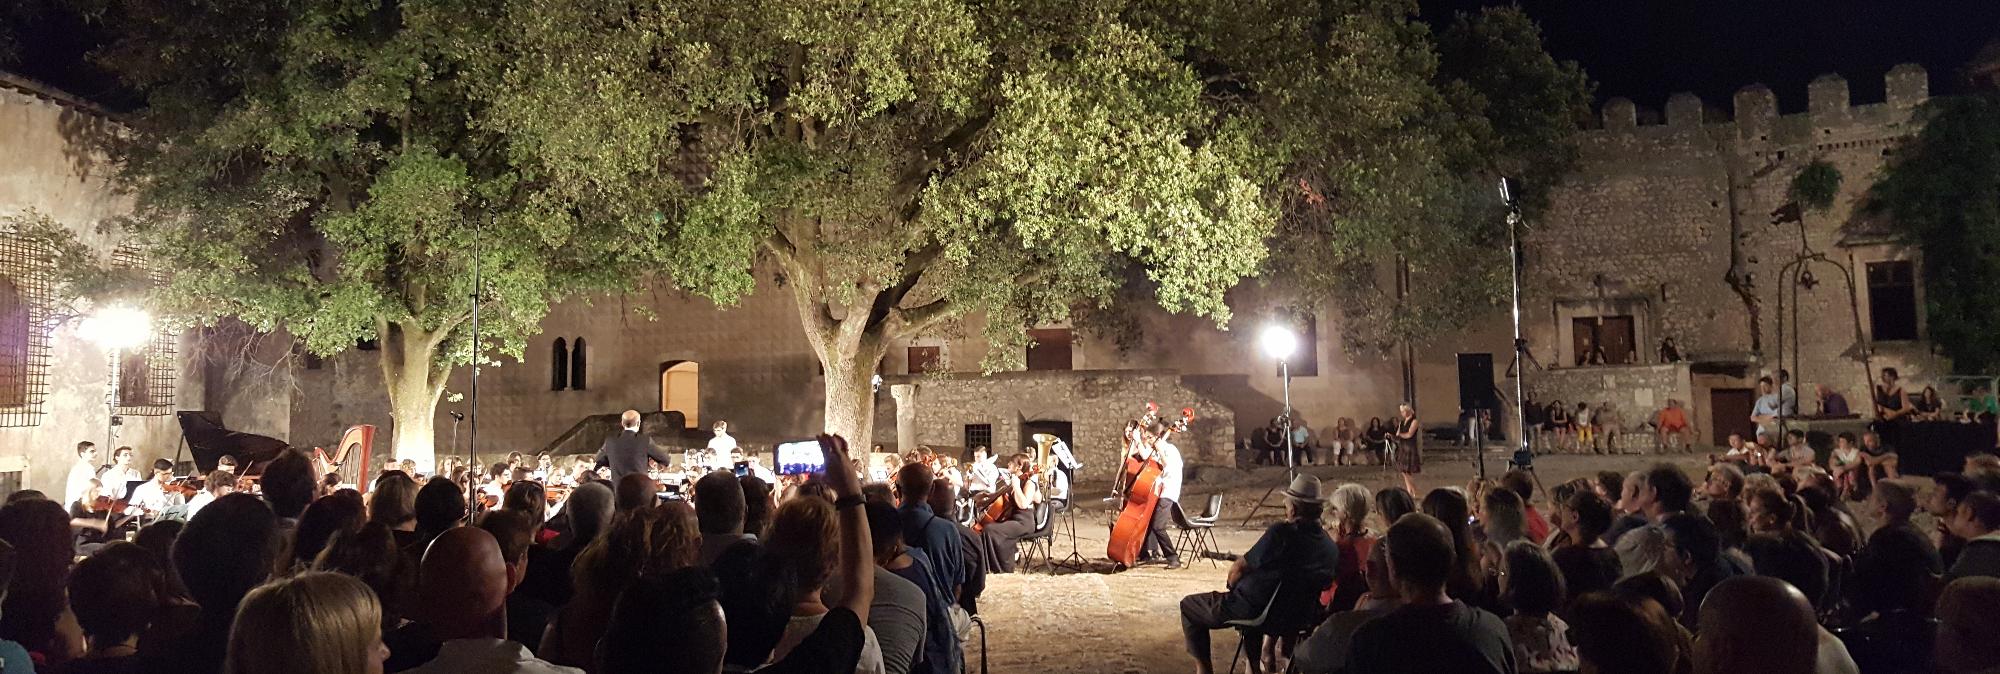 Sermoneta 2017 Festival Pontino di musica_